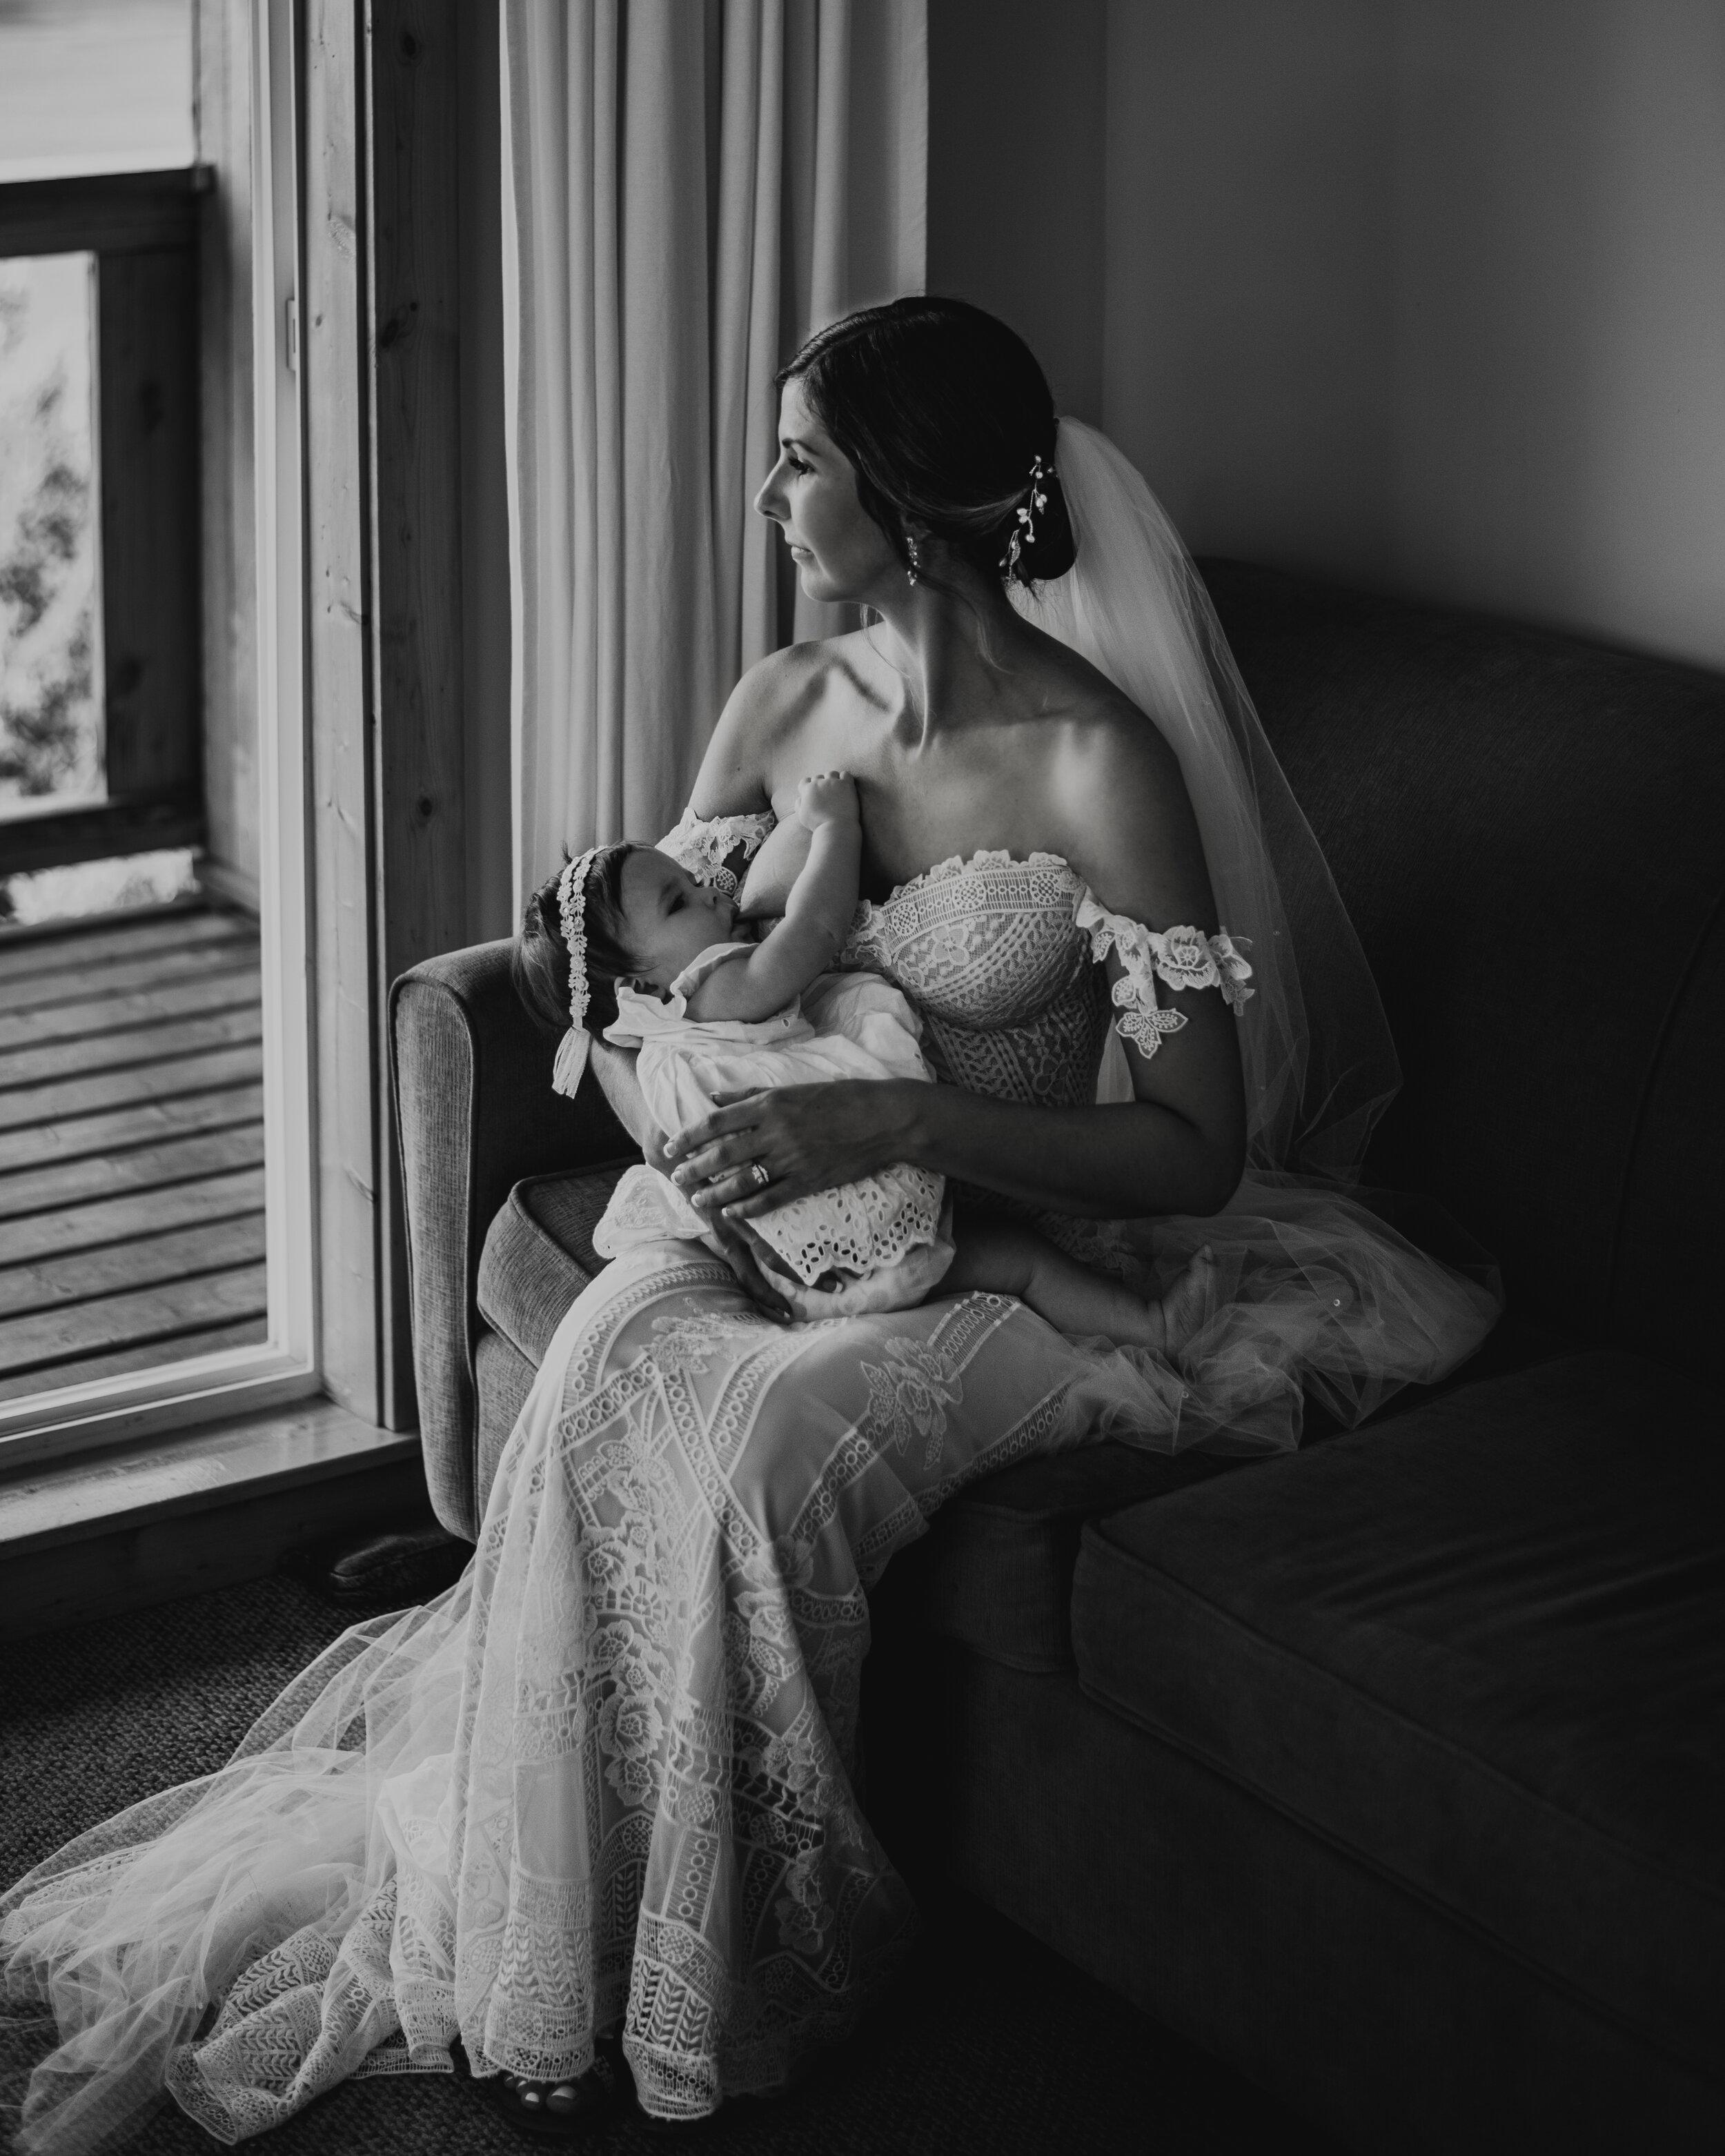 Emily & Brian Sneak Peeks - WCWL Wedding - August 24, 2019-9405-2.jpg